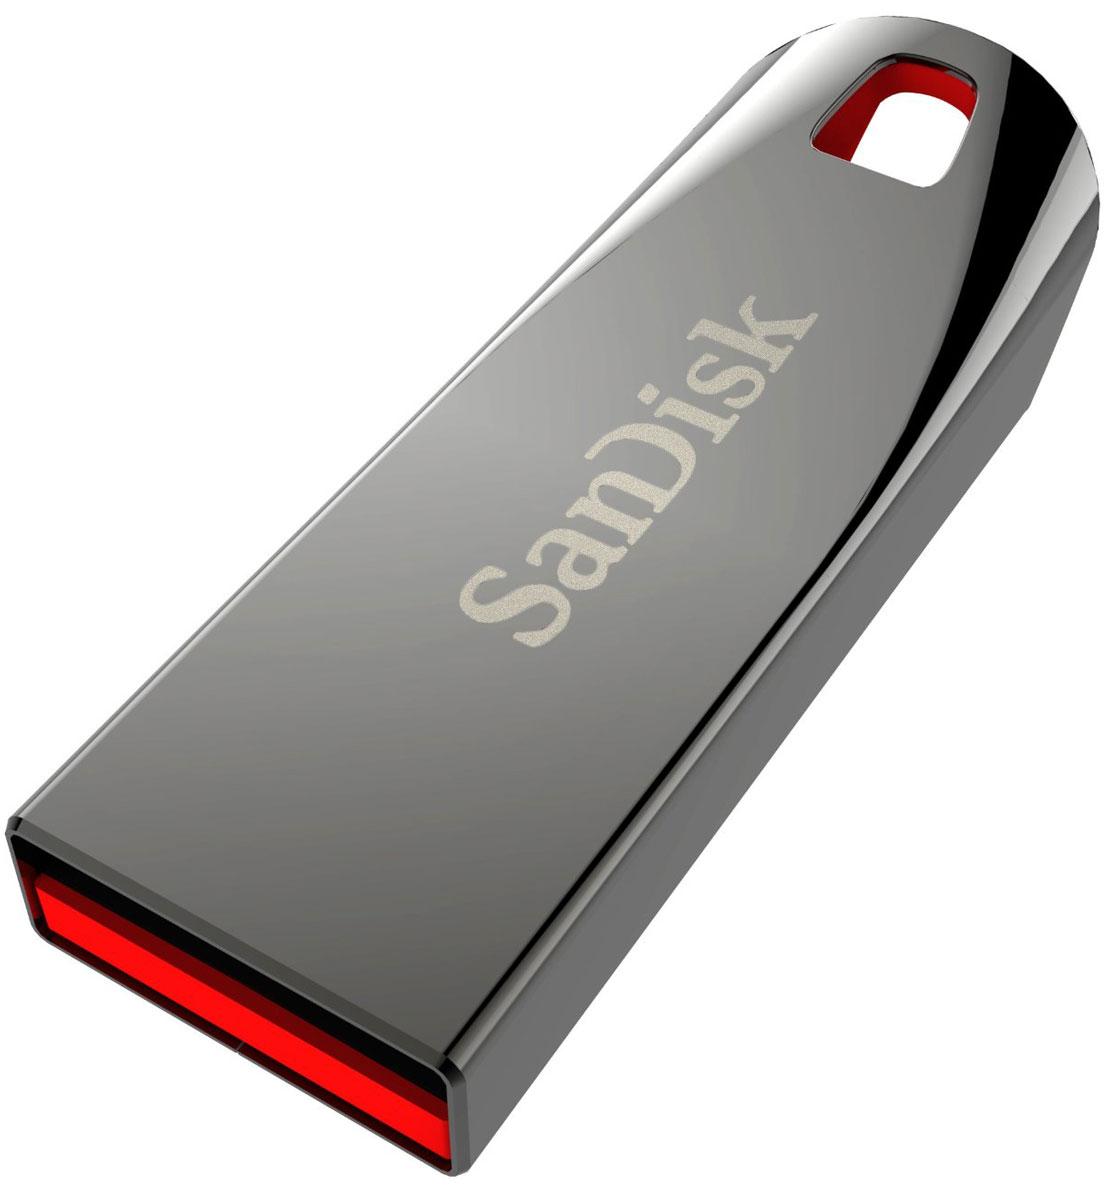 Фото - SanDisk Cruzer Force 32GB, Metallic USB-накопитель видео